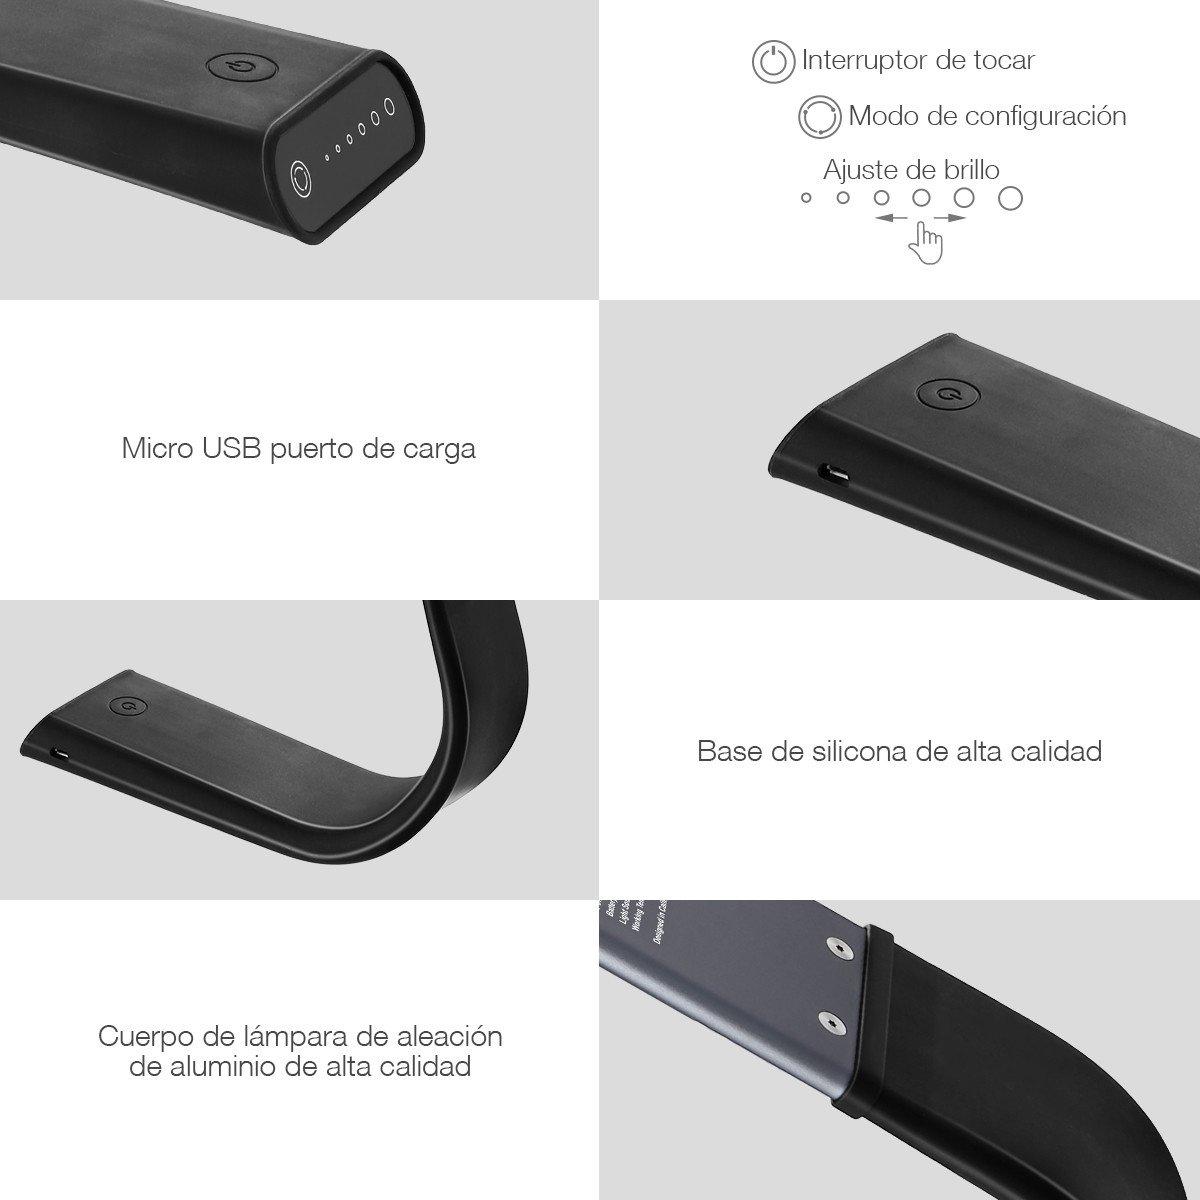 Poweradd Lámpara LED Sensible al tacto, Lámpara de mesa, 3 Modos de Luz y 6 Niveles de Brillo con Carga USB, Cuidado de los Ojos para Lectura, Escritura y Descanso